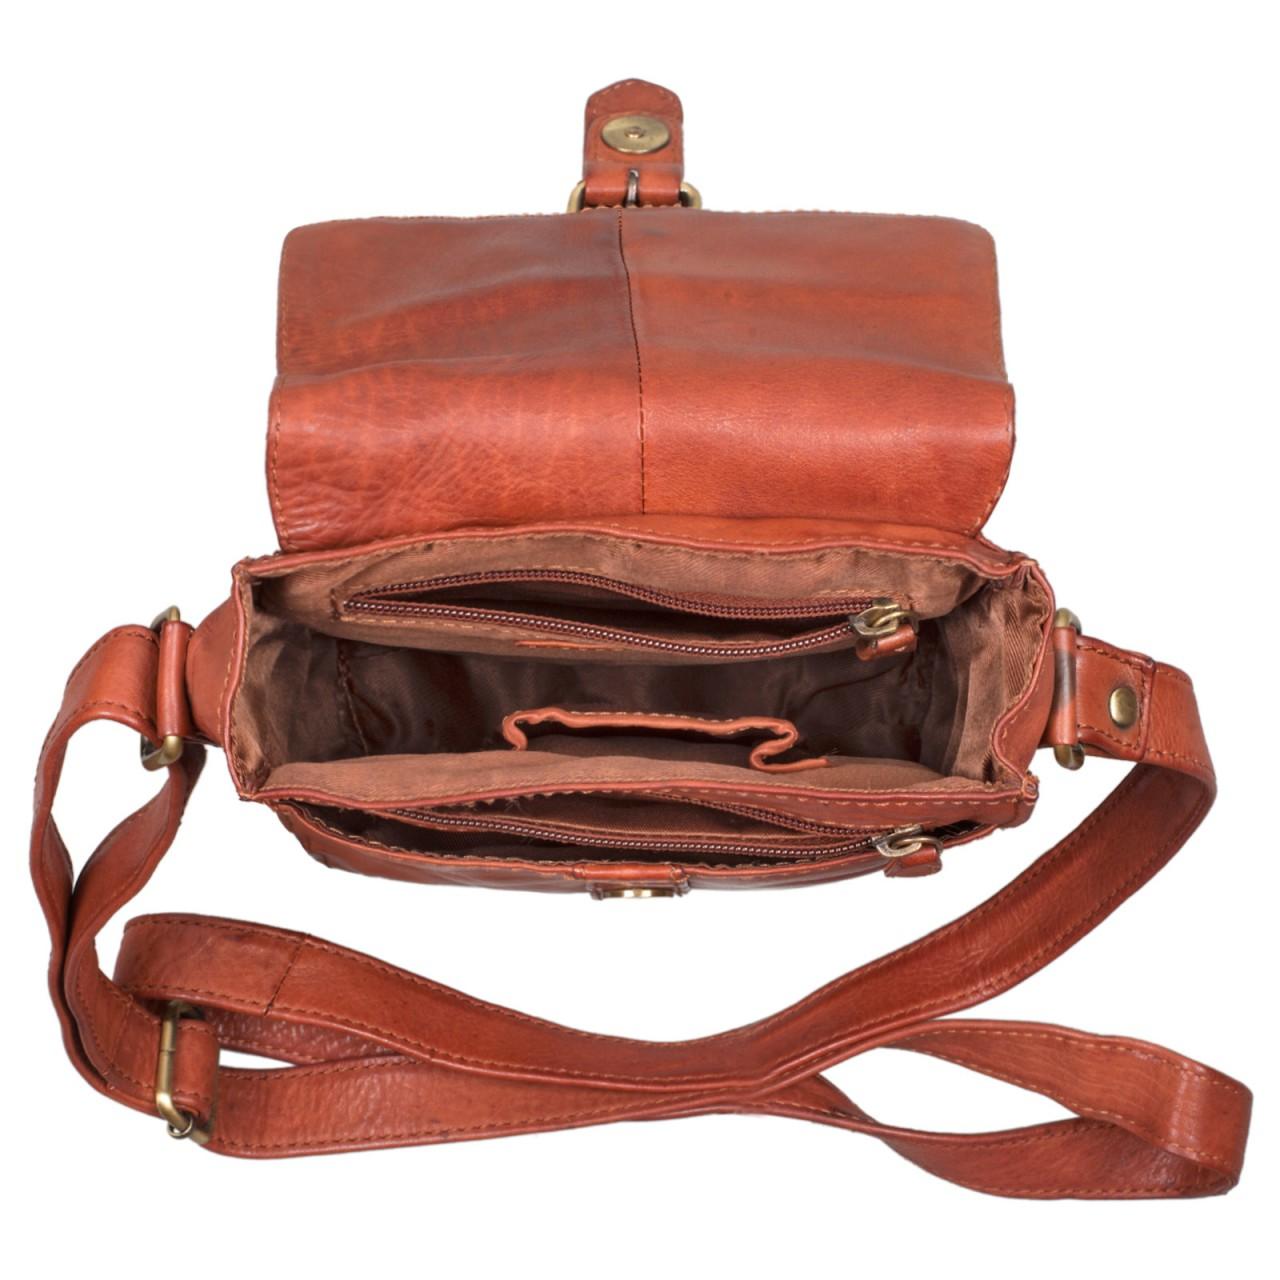 """STILORD """"Kilian"""" Vintage Umhängetasche Leder klein Unisex Messenger Bag für 8,4 Zoll Tablets Schultertasche Herren Damen echtes Leder - Bild 18"""